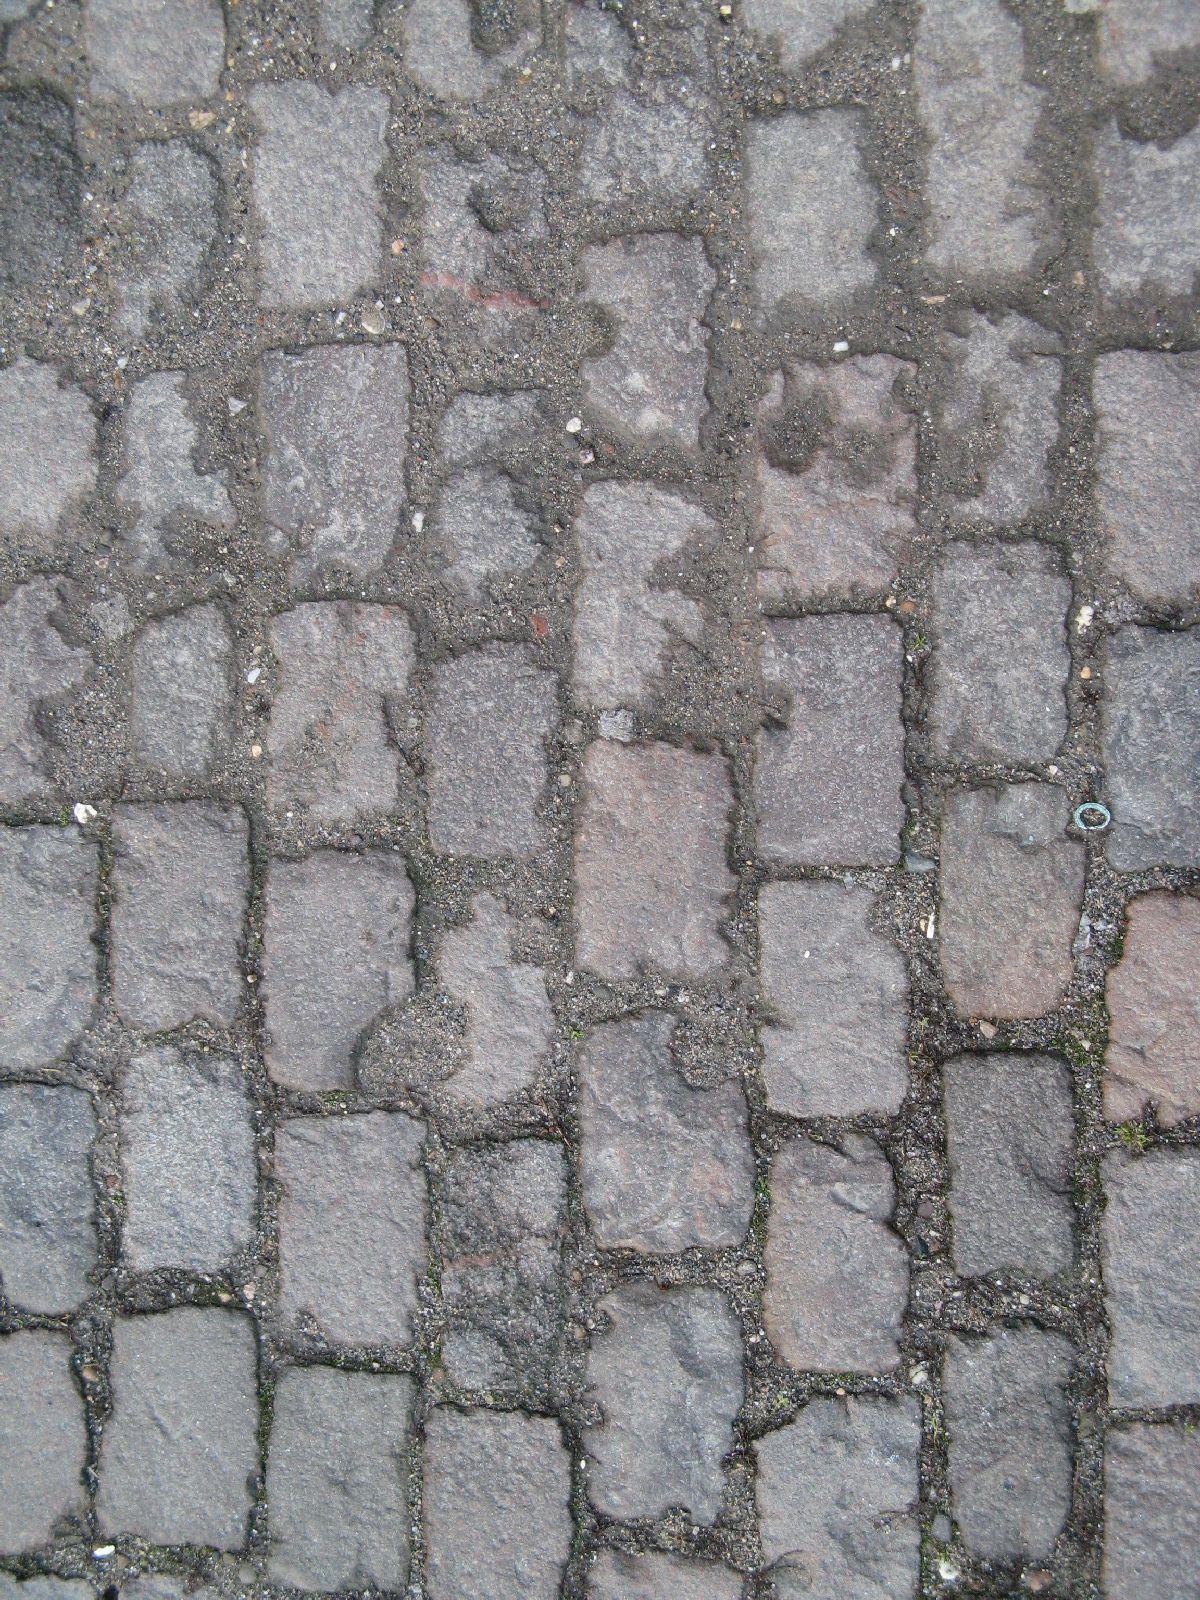 Boden-Gehweg-Strasse-Buergersteig-Textur_B_01366